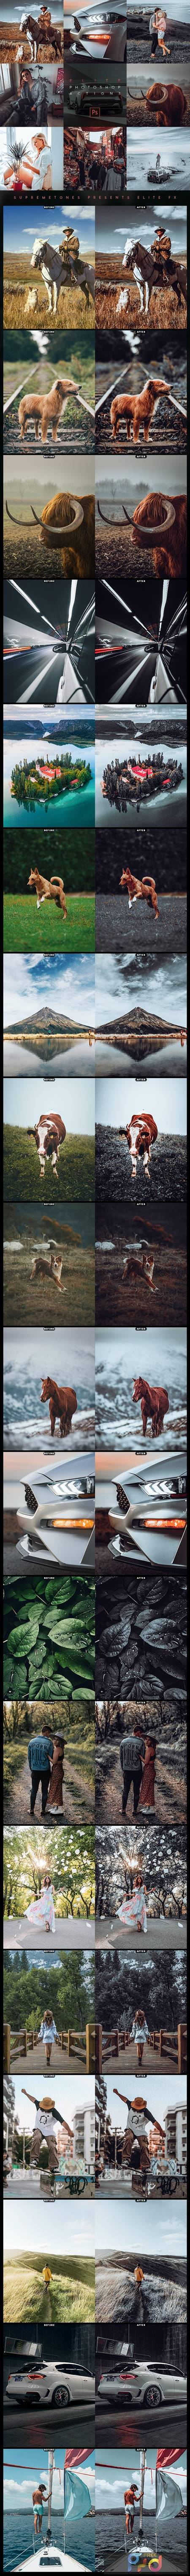 ELITE Photoshop Action 28279700 1